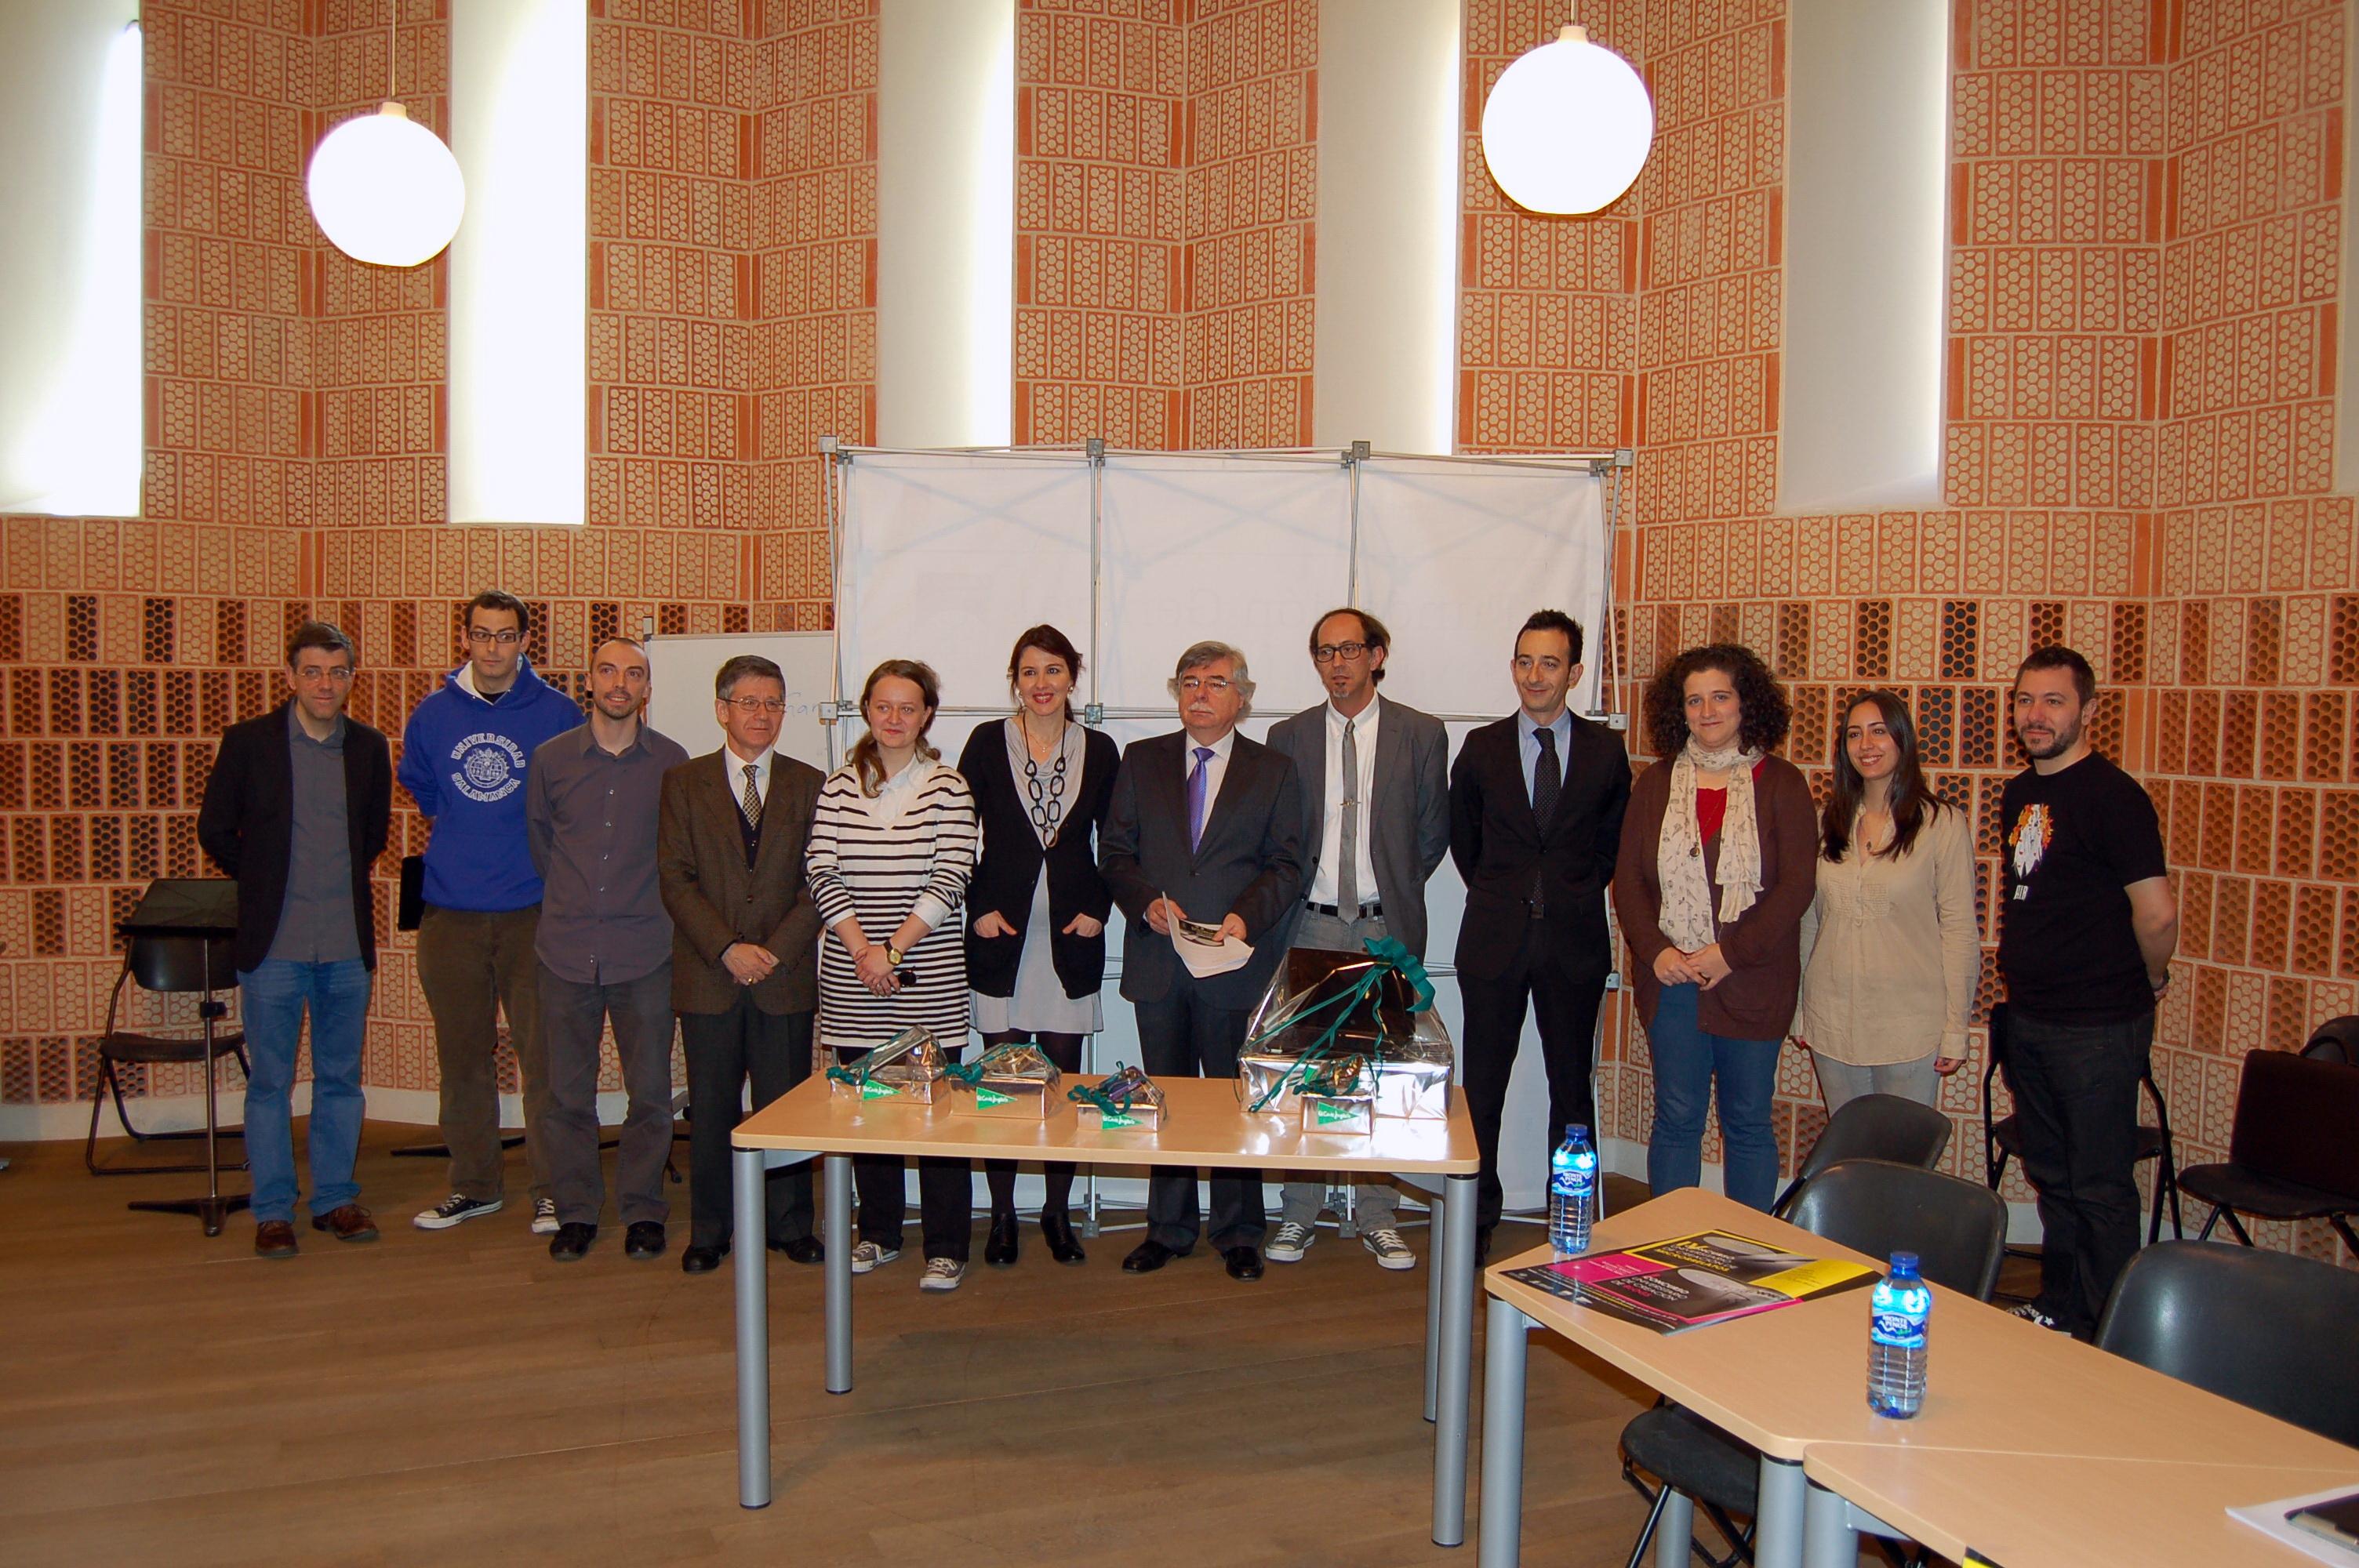 Concluyen los concursos de microrrelatos y 'blogs' de la Universidad de Salamanca con éxito de participación